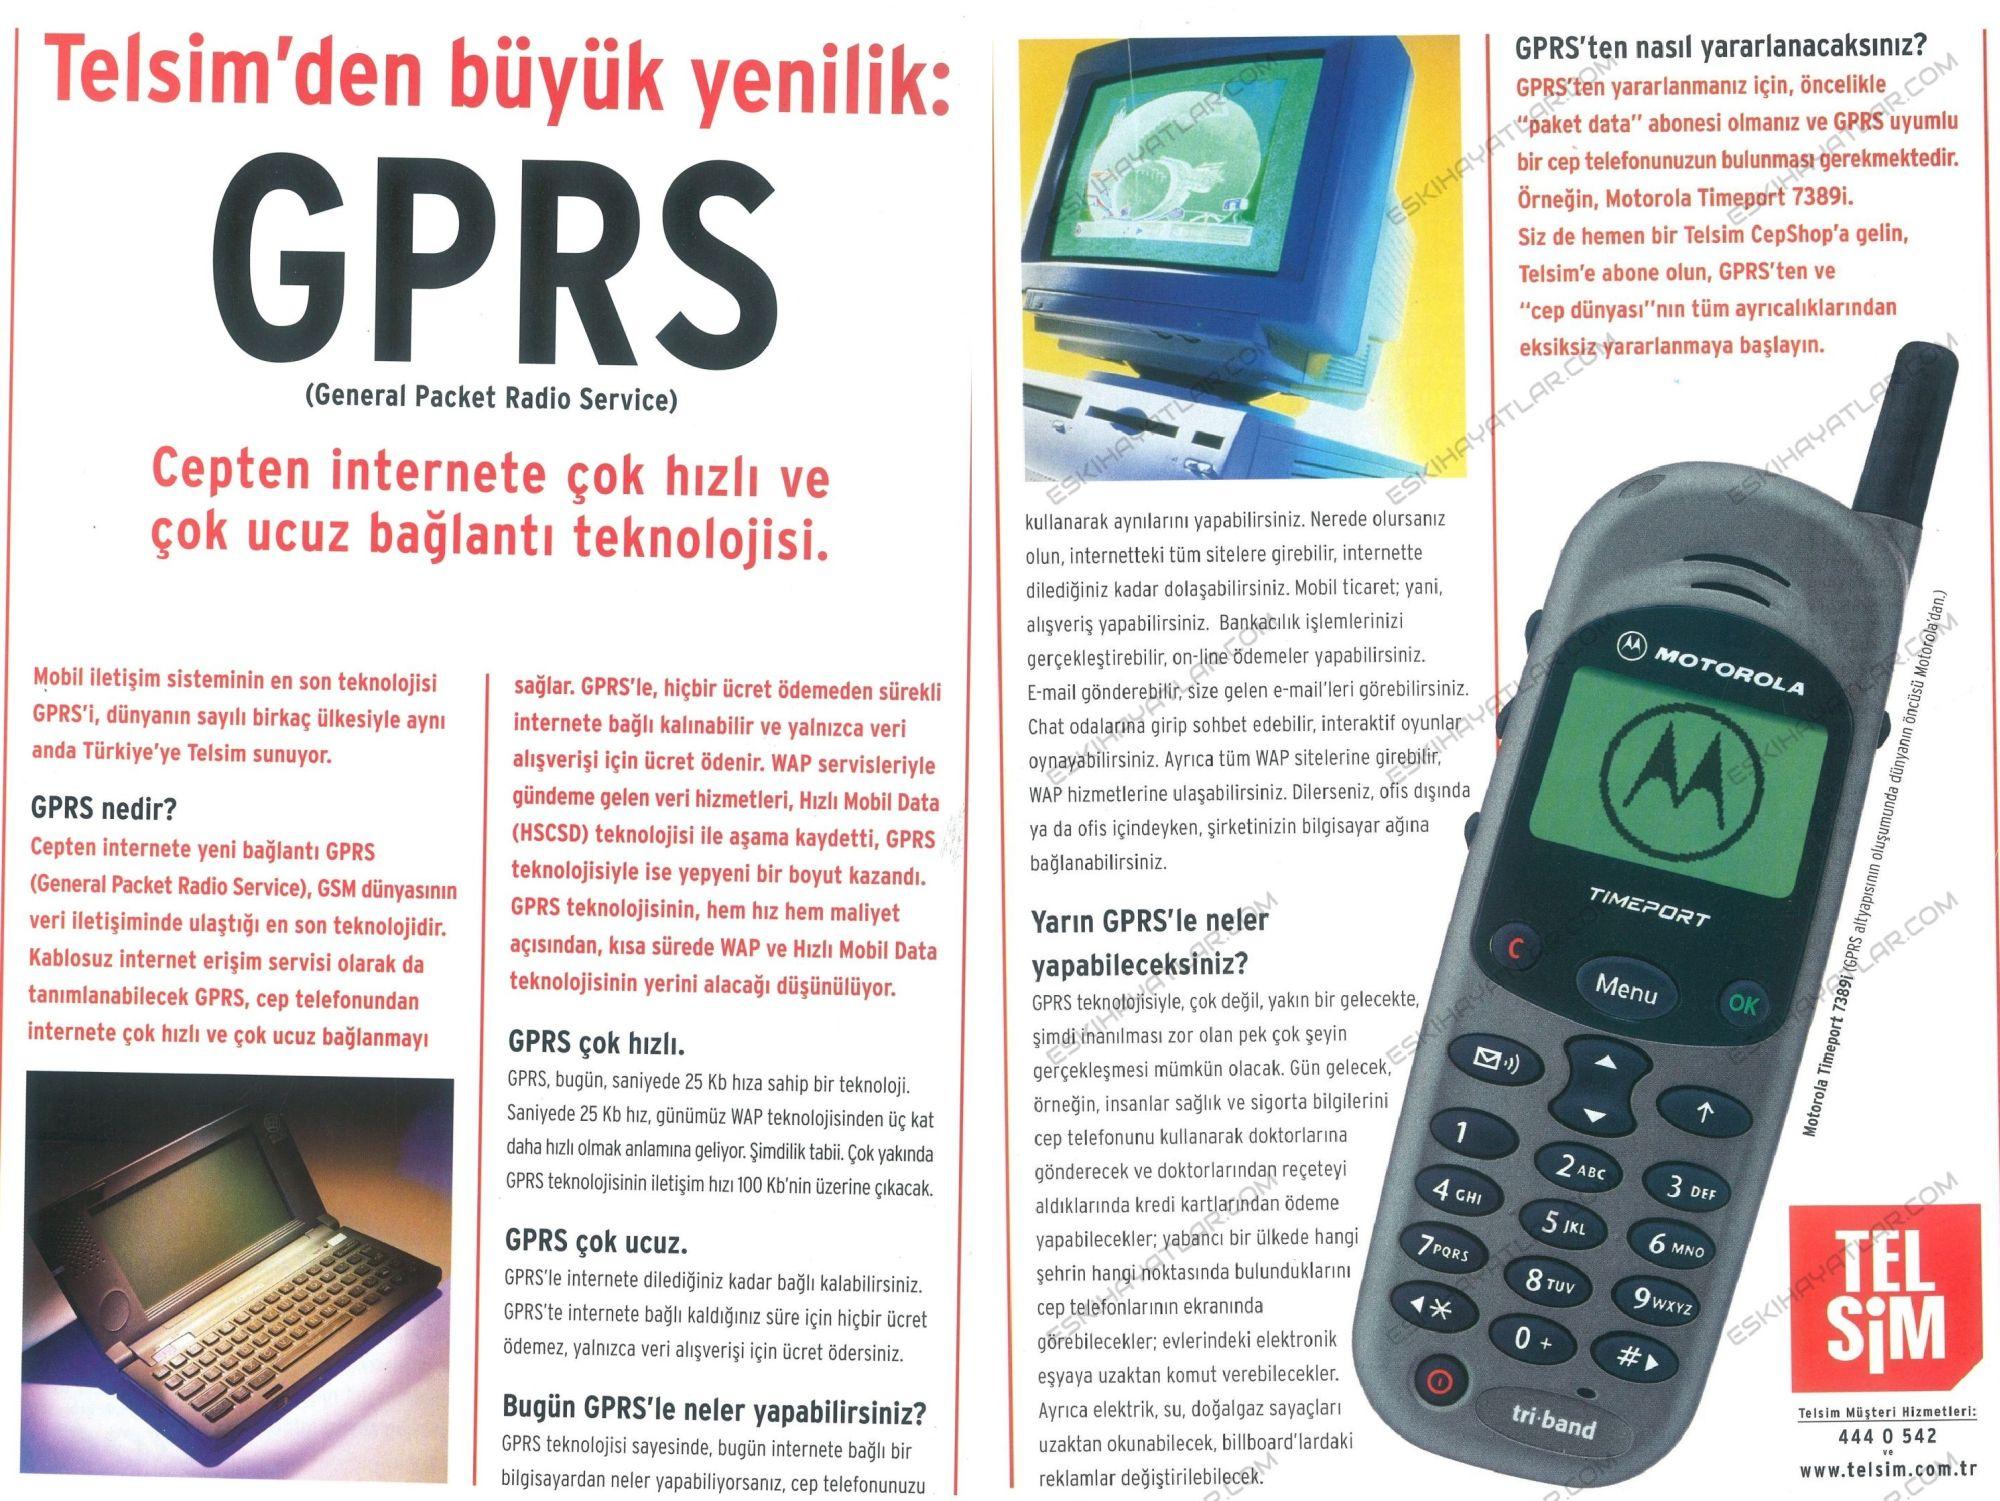 internet-ulkemize-ne-zaman-geldi-turkiyede-internet-25-yasinda (47)